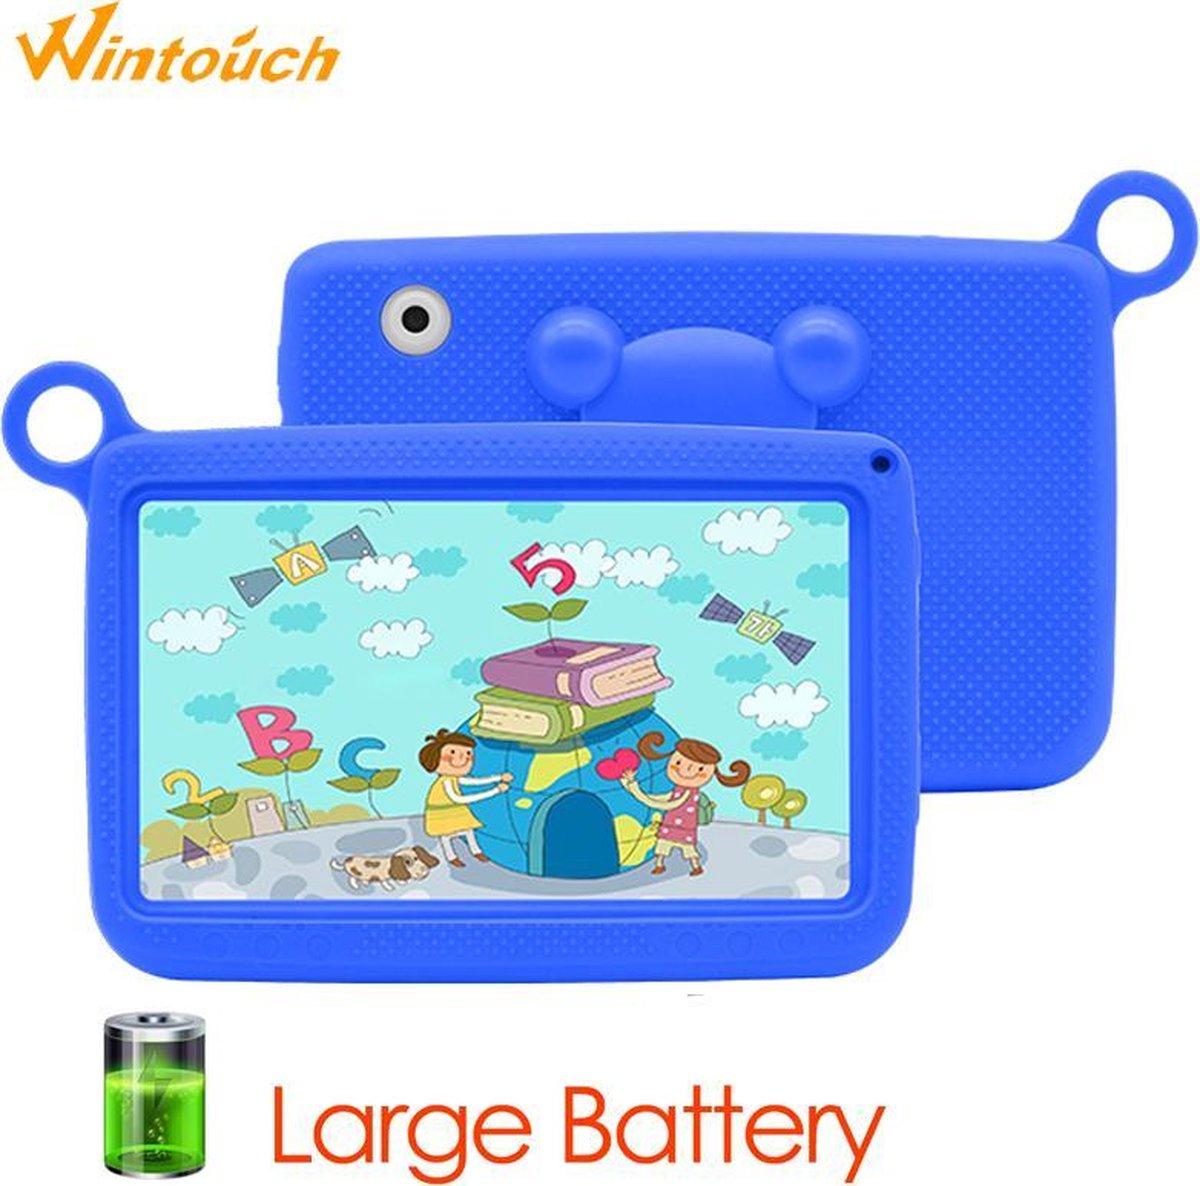 Kindertablet Pro Blauw - Tablet 7 inch - 16 GB opslag - Kinder tablet - Android 8.1 - vanaf 3 jaar - tablets kinderen - kids tablet - Scherp HD beeld - leerzame voor kinderen - Wifi Bluetooth - voor-achter camera - Play store - uitstekende batterij